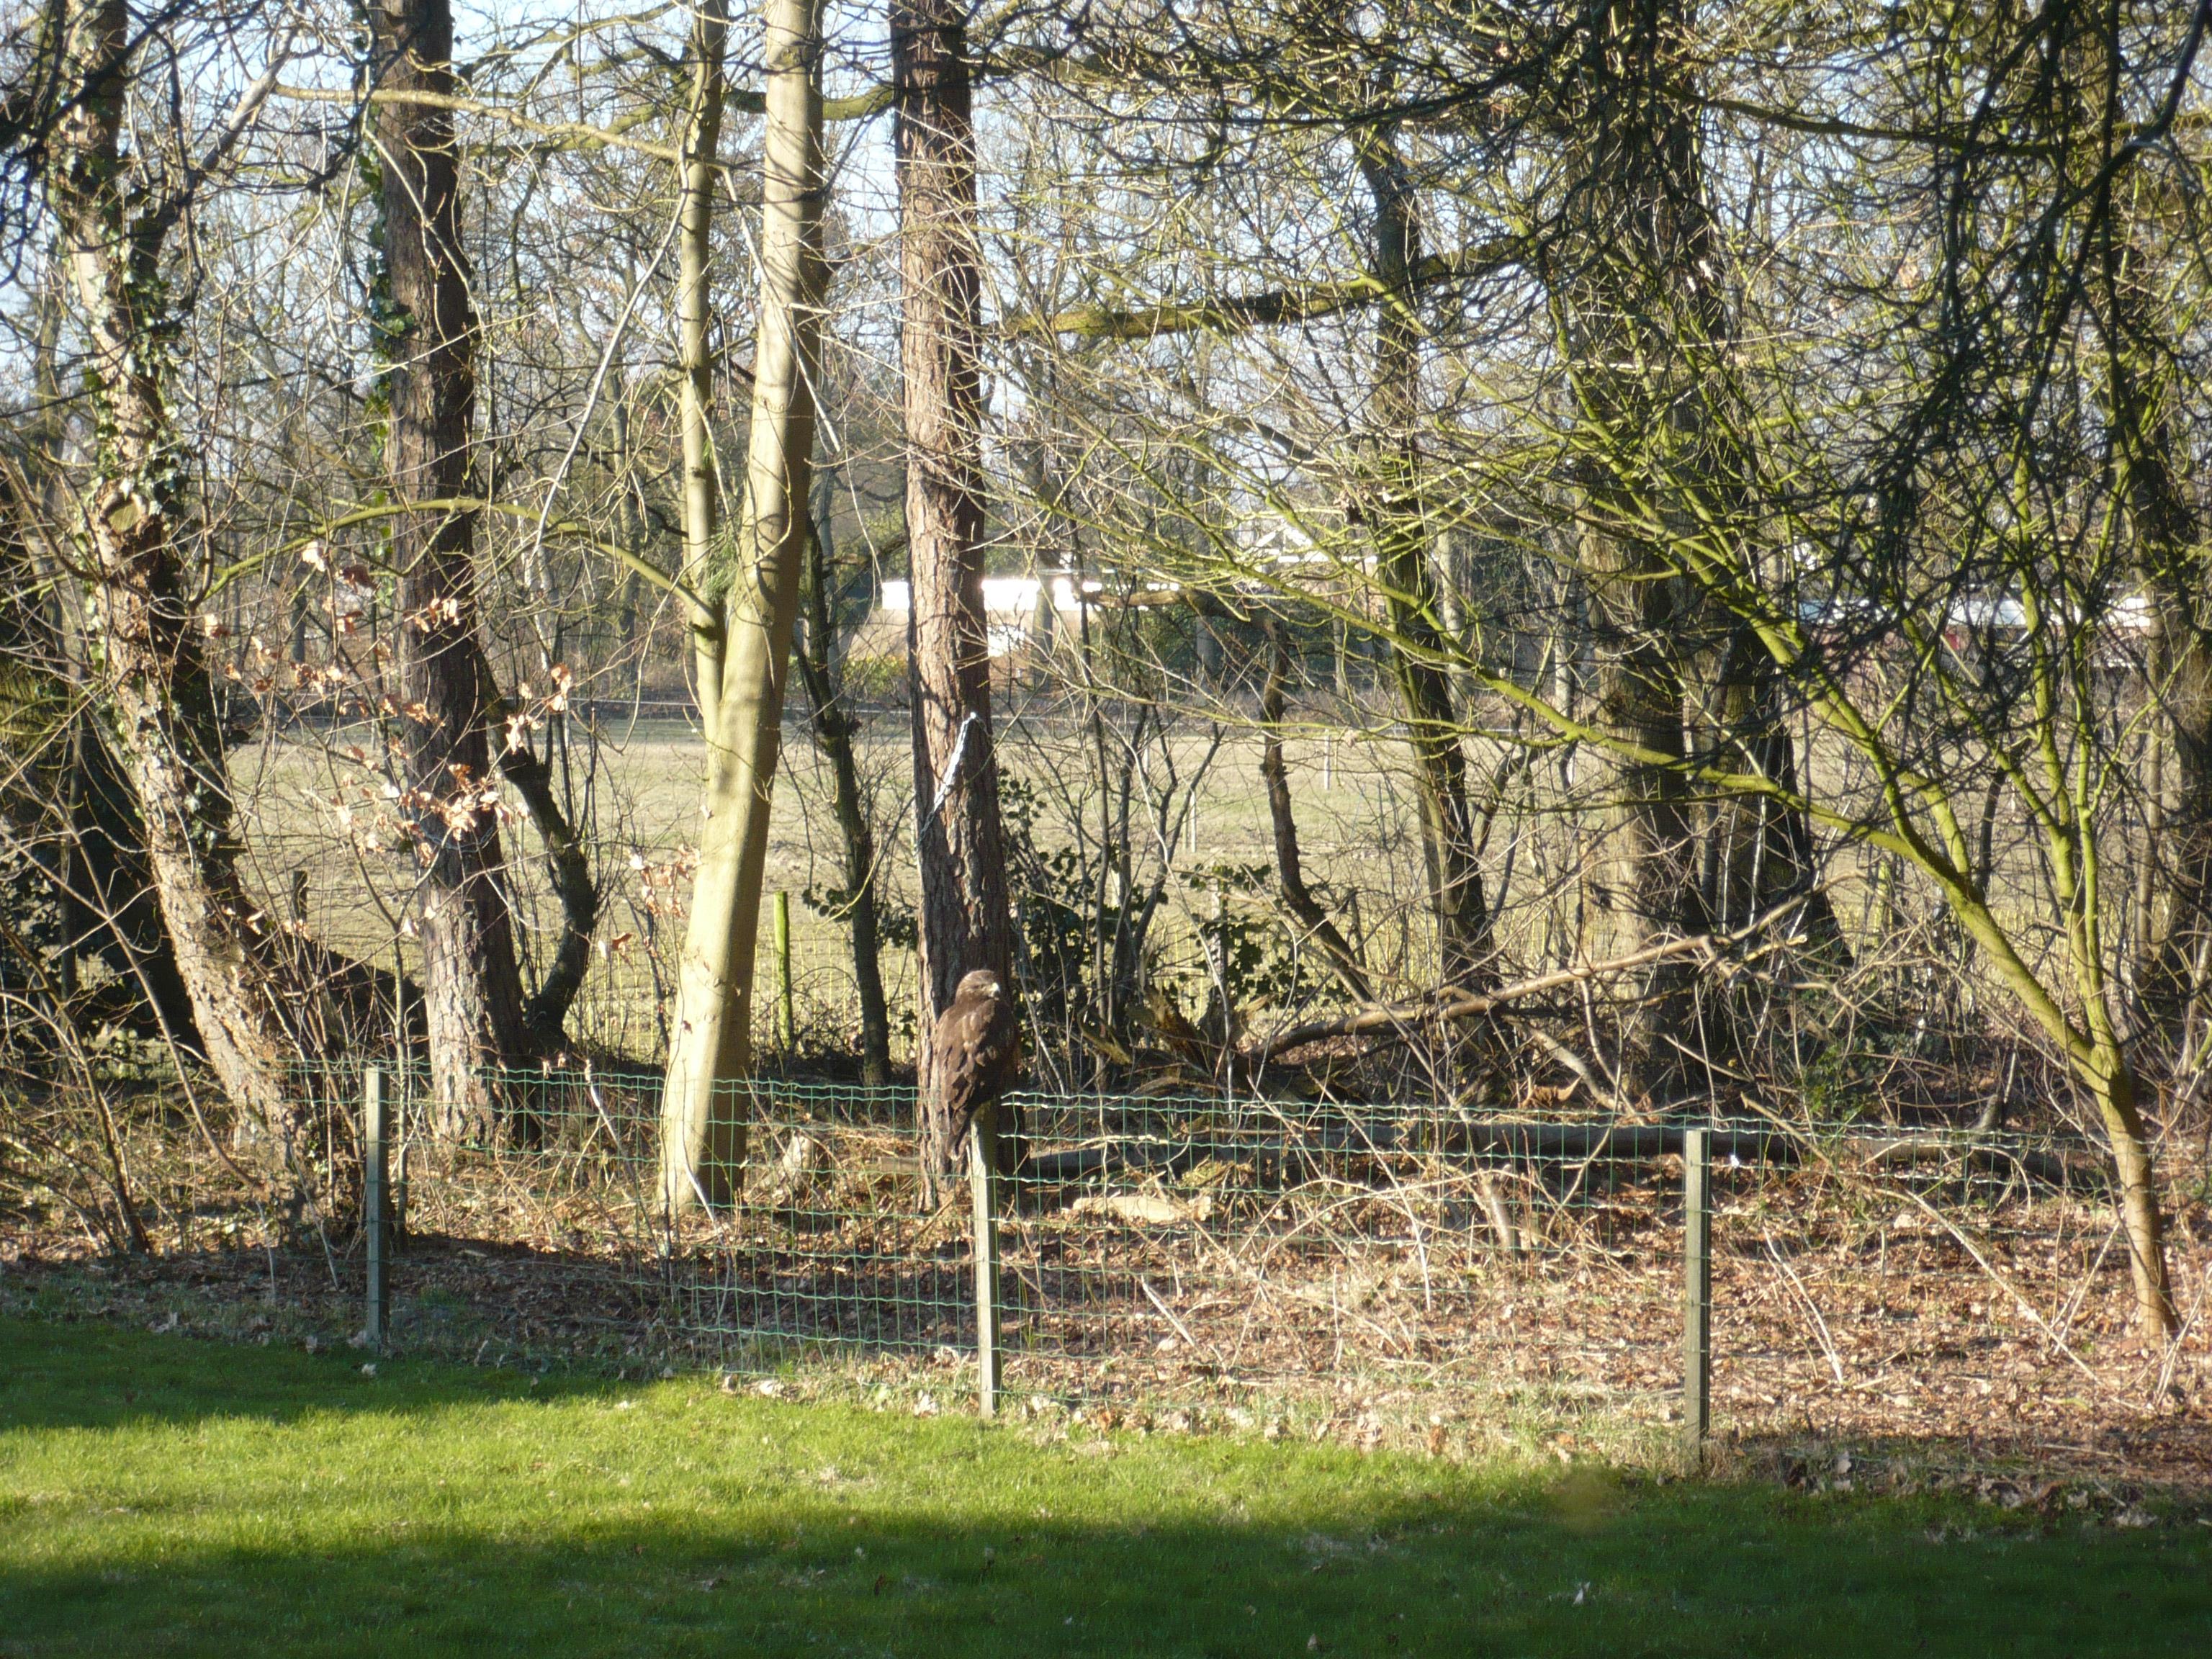 Zomaar op een paaltje in de tuin...